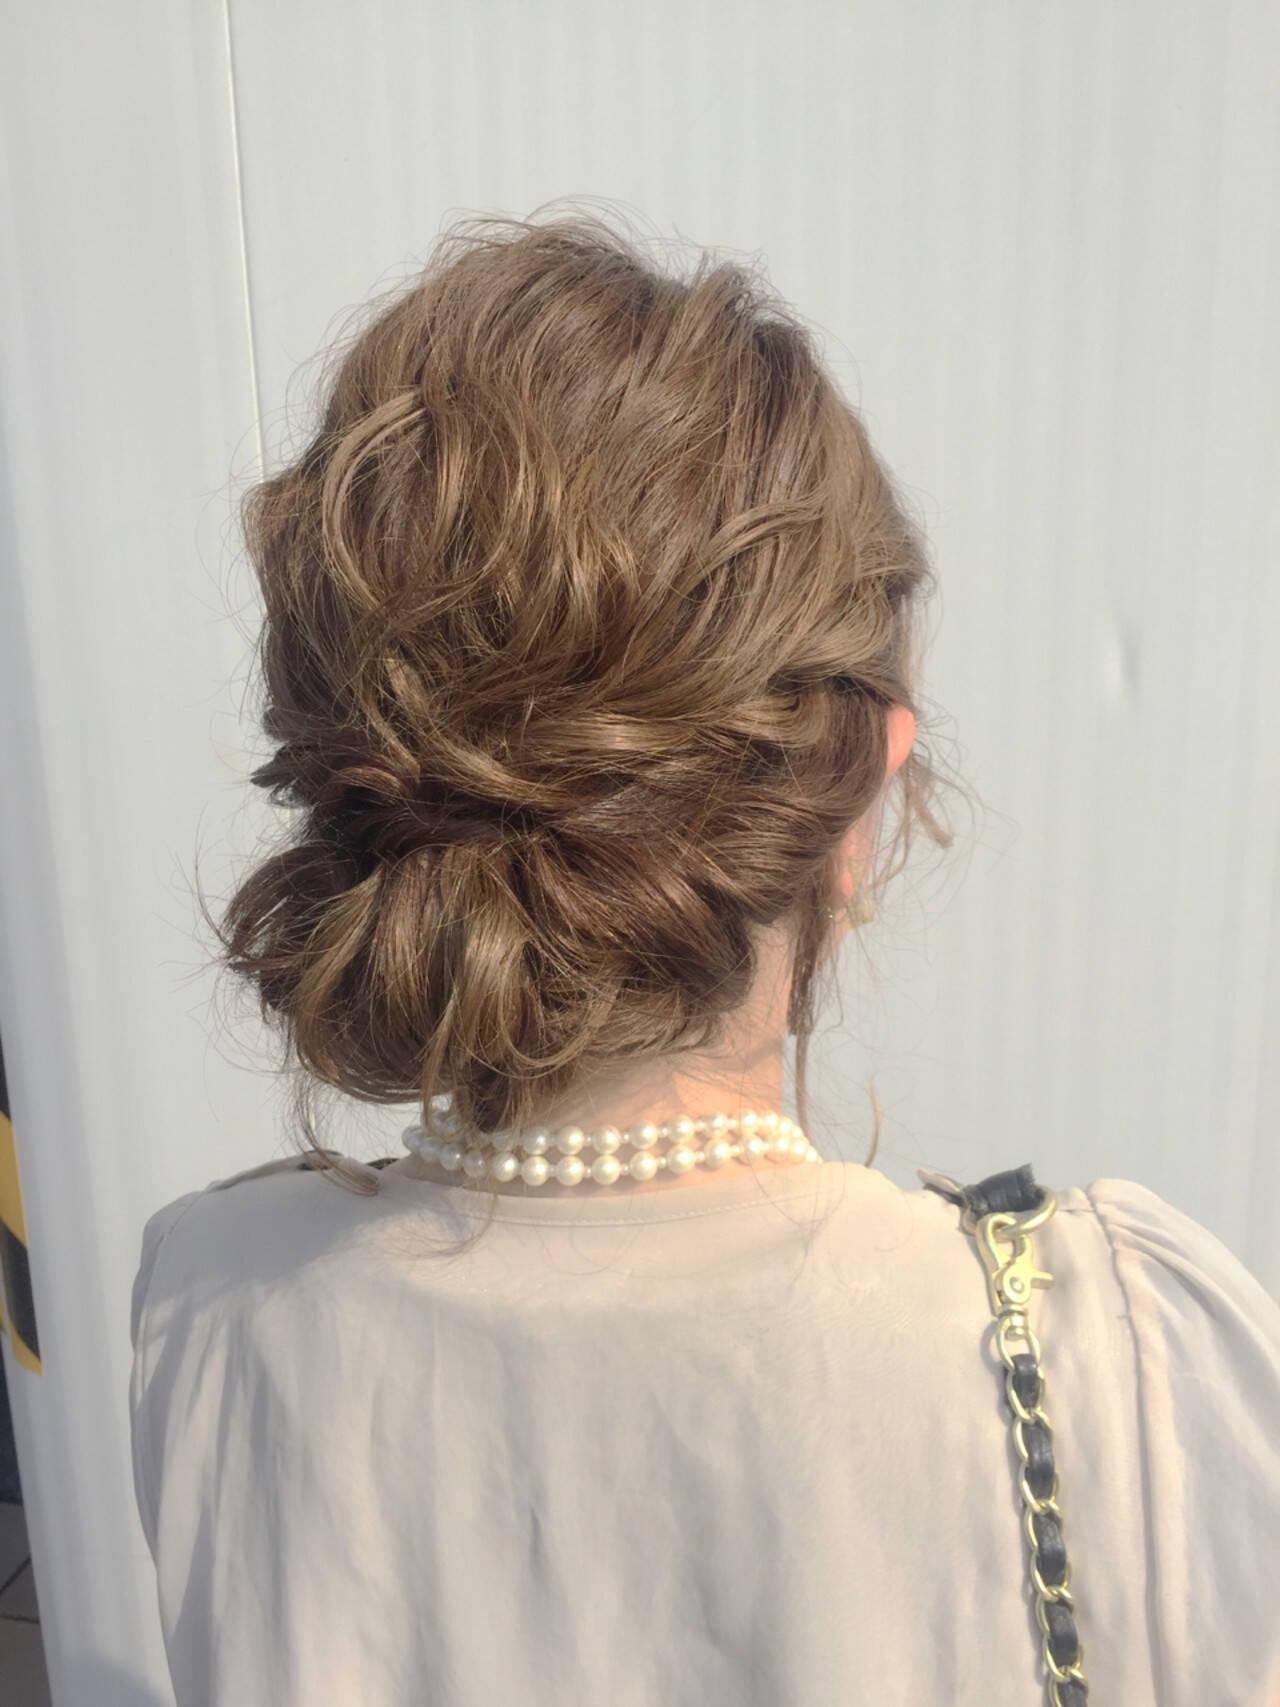 大人女子 ナチュラル ミディアム ヘアアレンジヘアスタイルや髪型の写真・画像